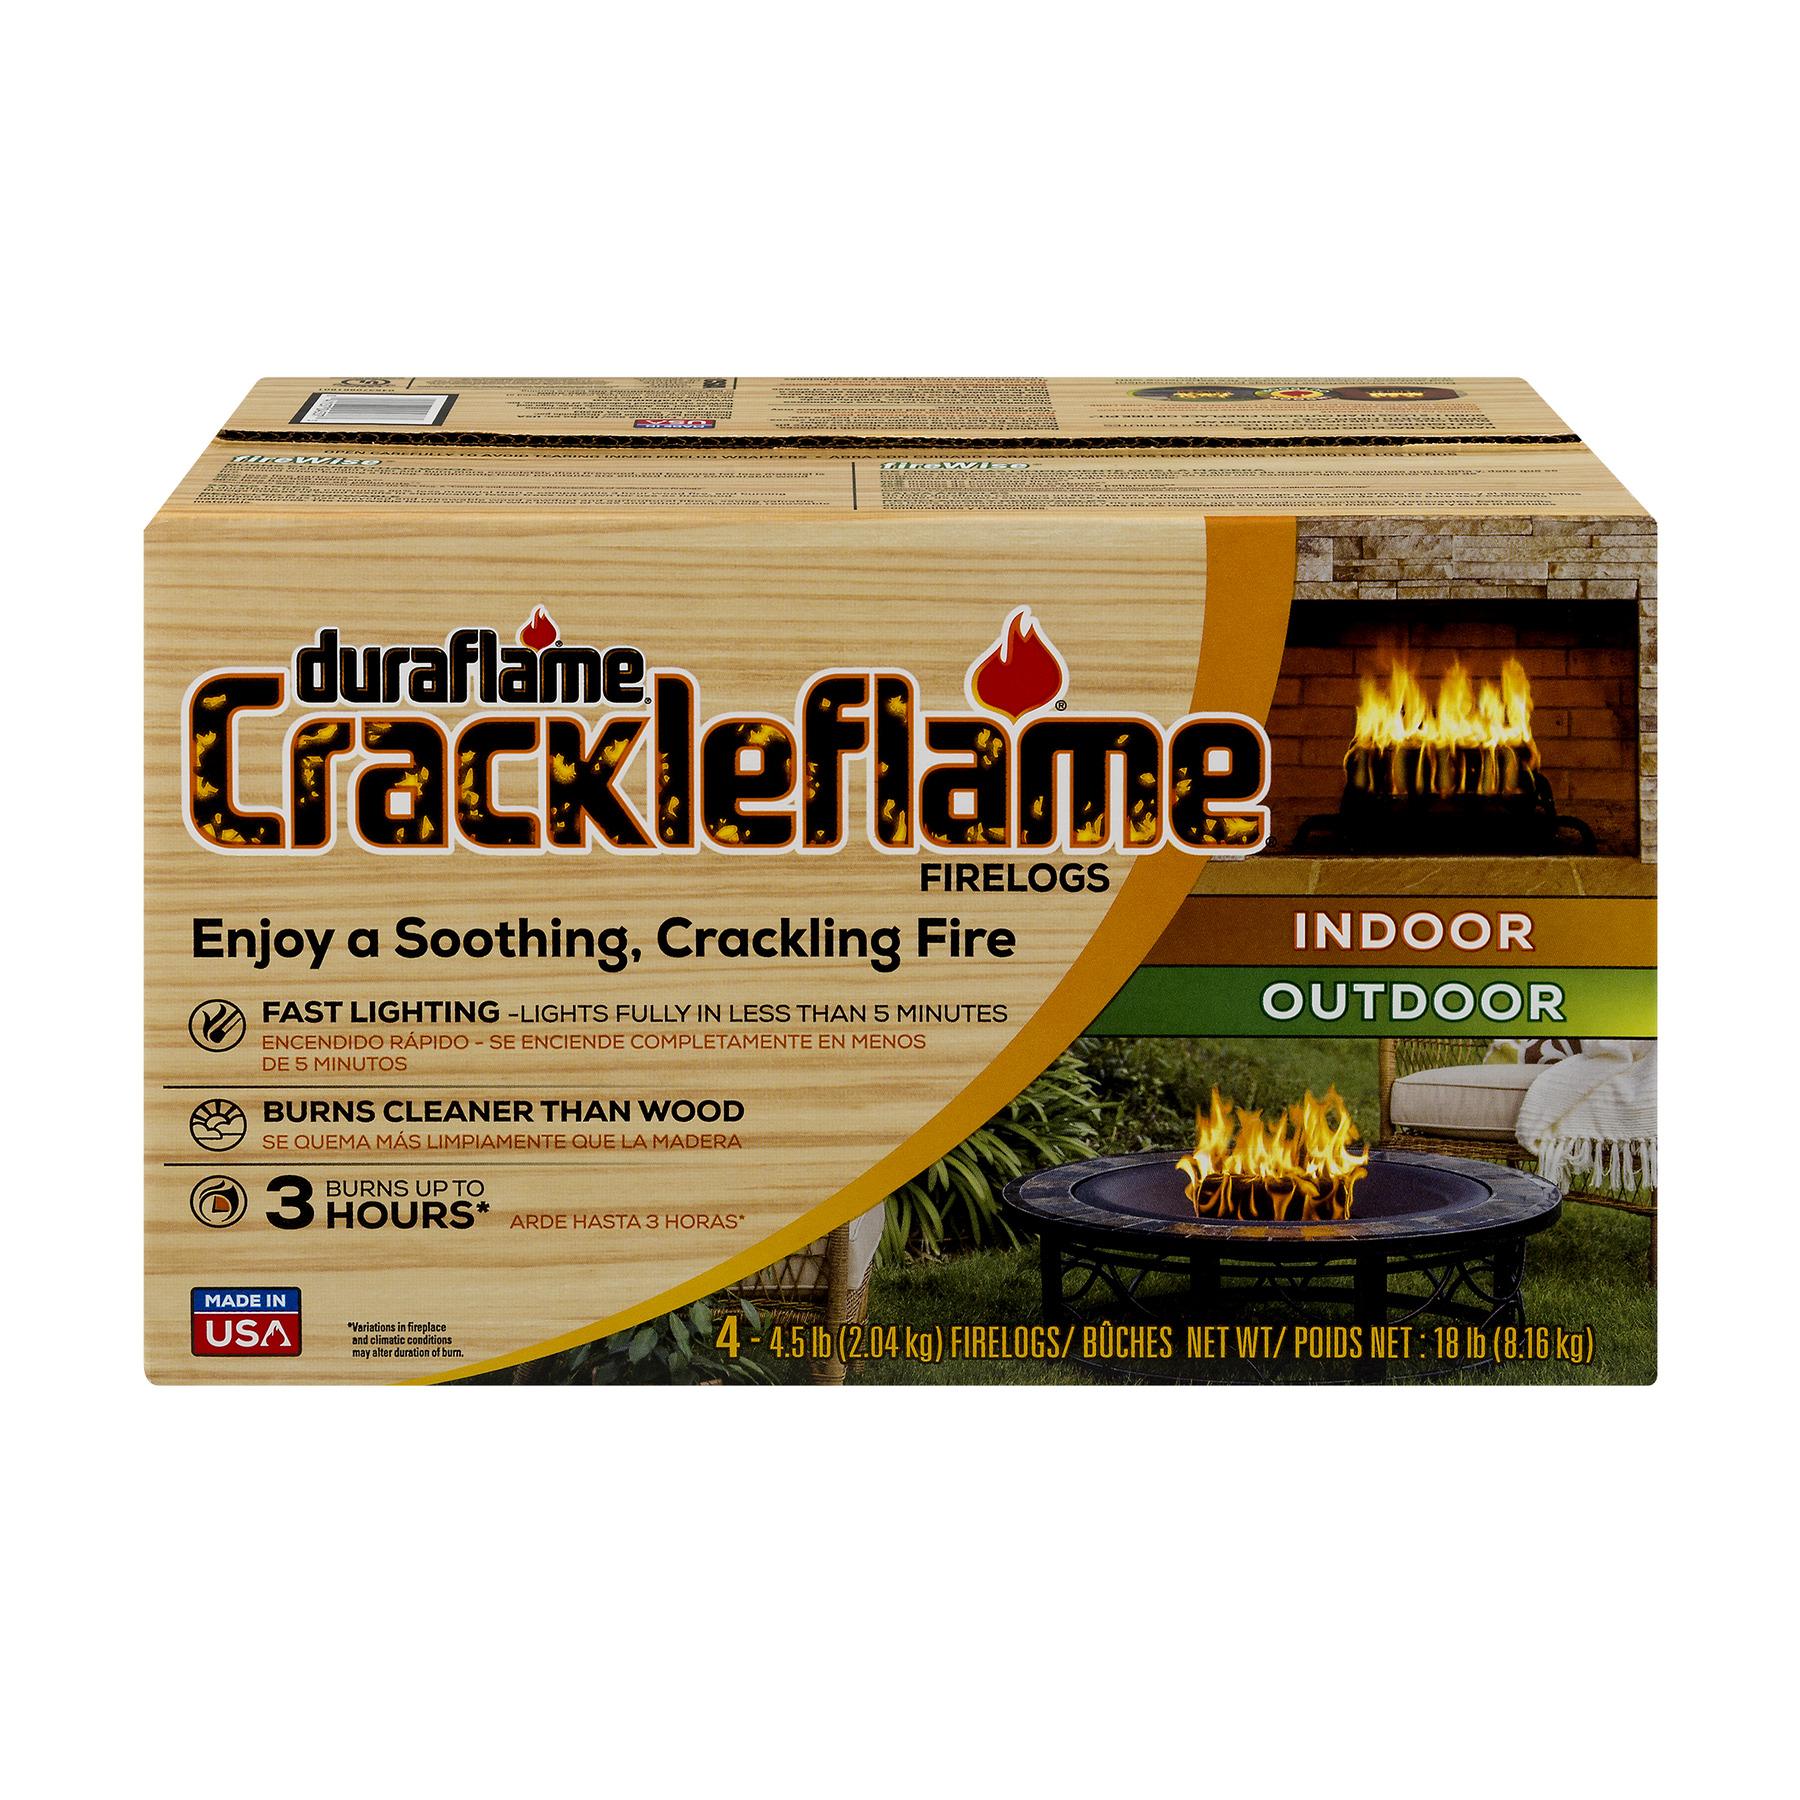 Duraflame Crackleflame 4.5lb 3-hr Indoor/ Outdoor Firelog - 4 Pack